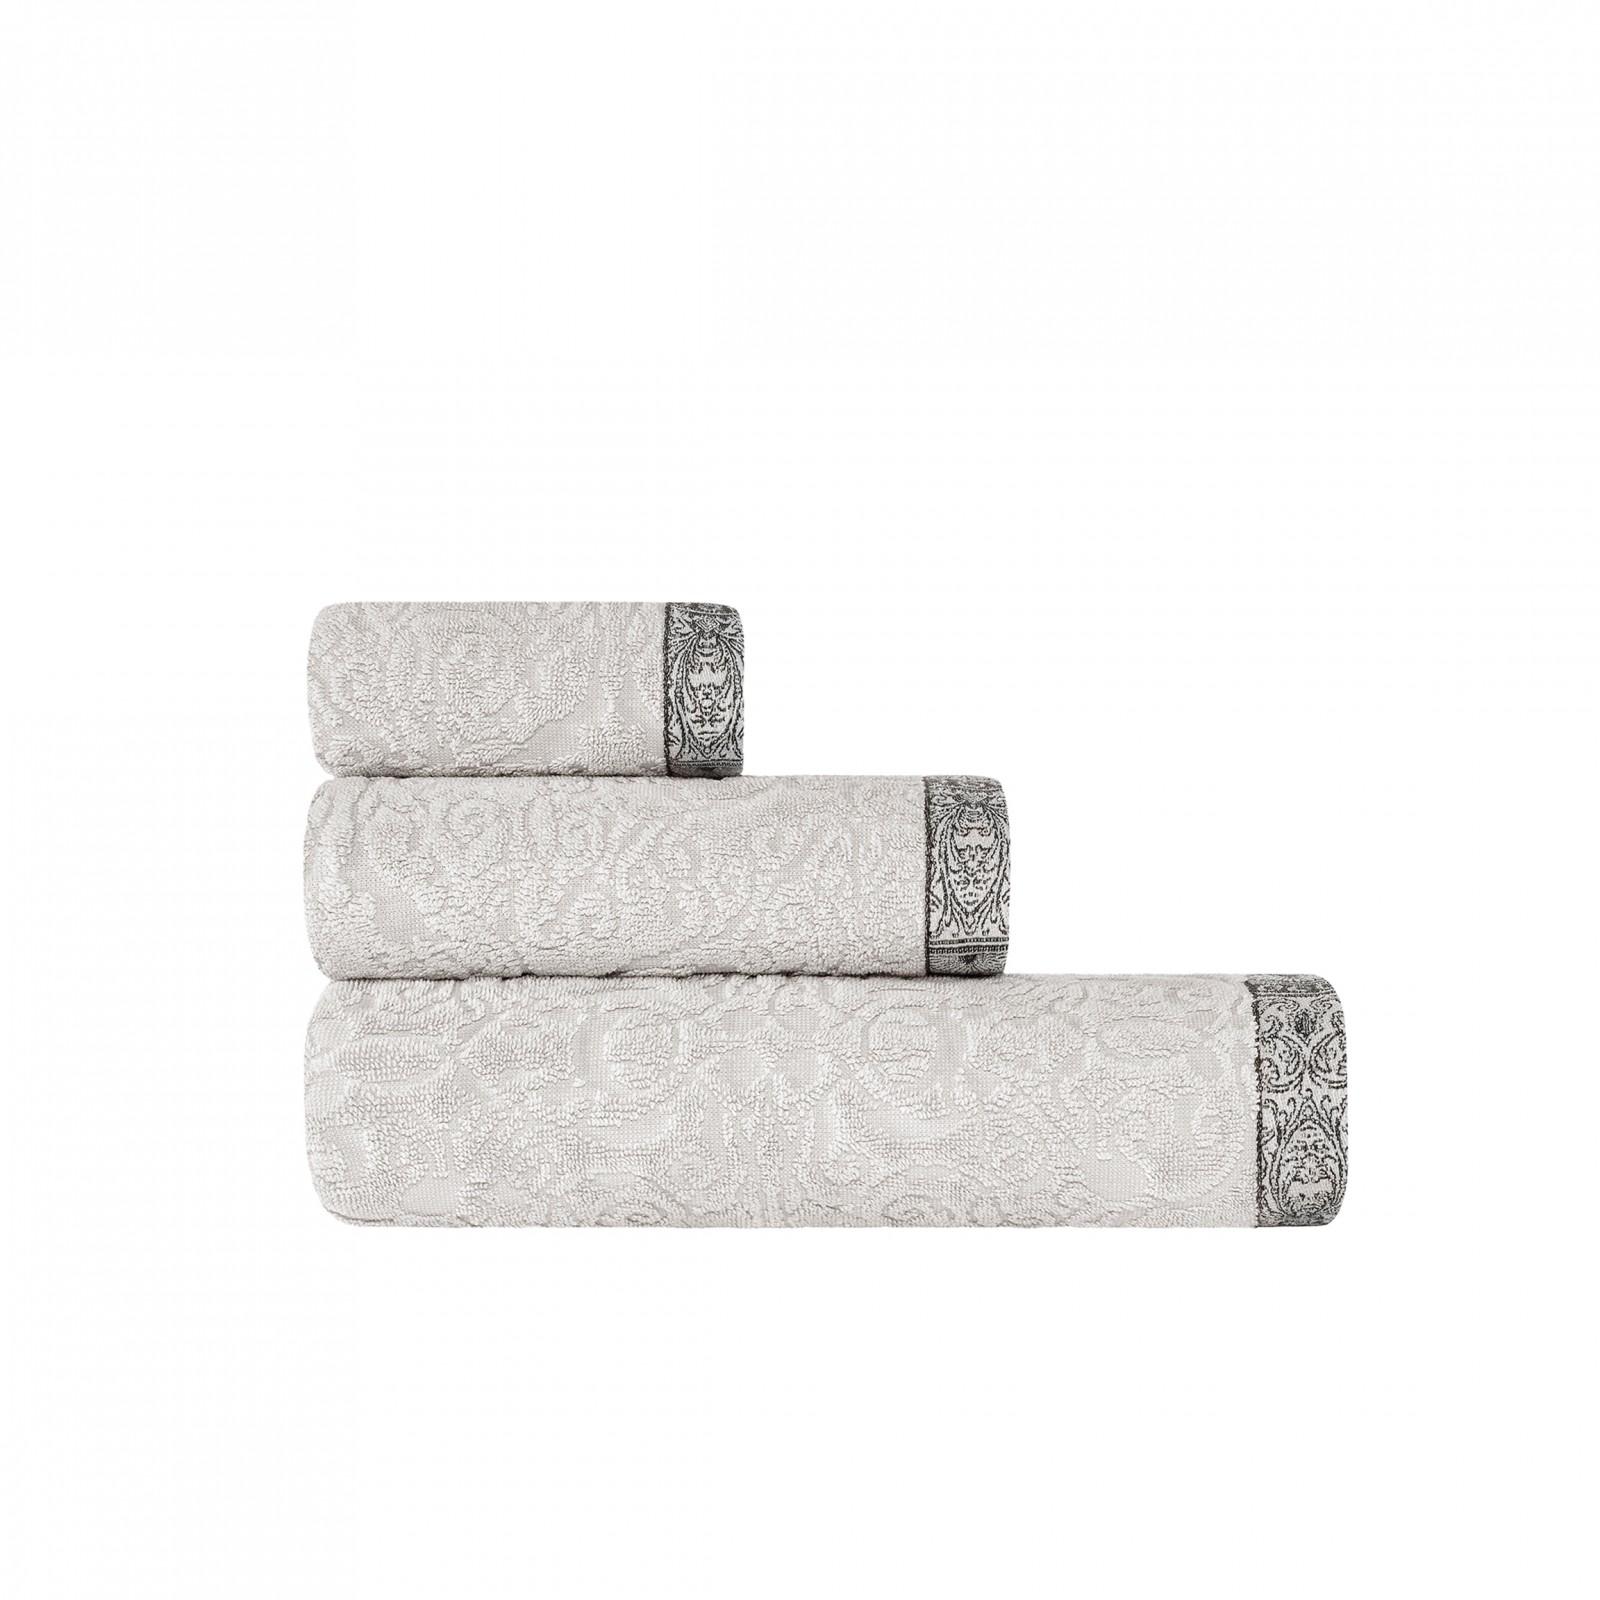 Фото - Комплект полотенец Togas 40х60/50х100/70х140 см 3 шт комплект полотенец togas миэль темно серый 2 пр 50х100 70х140